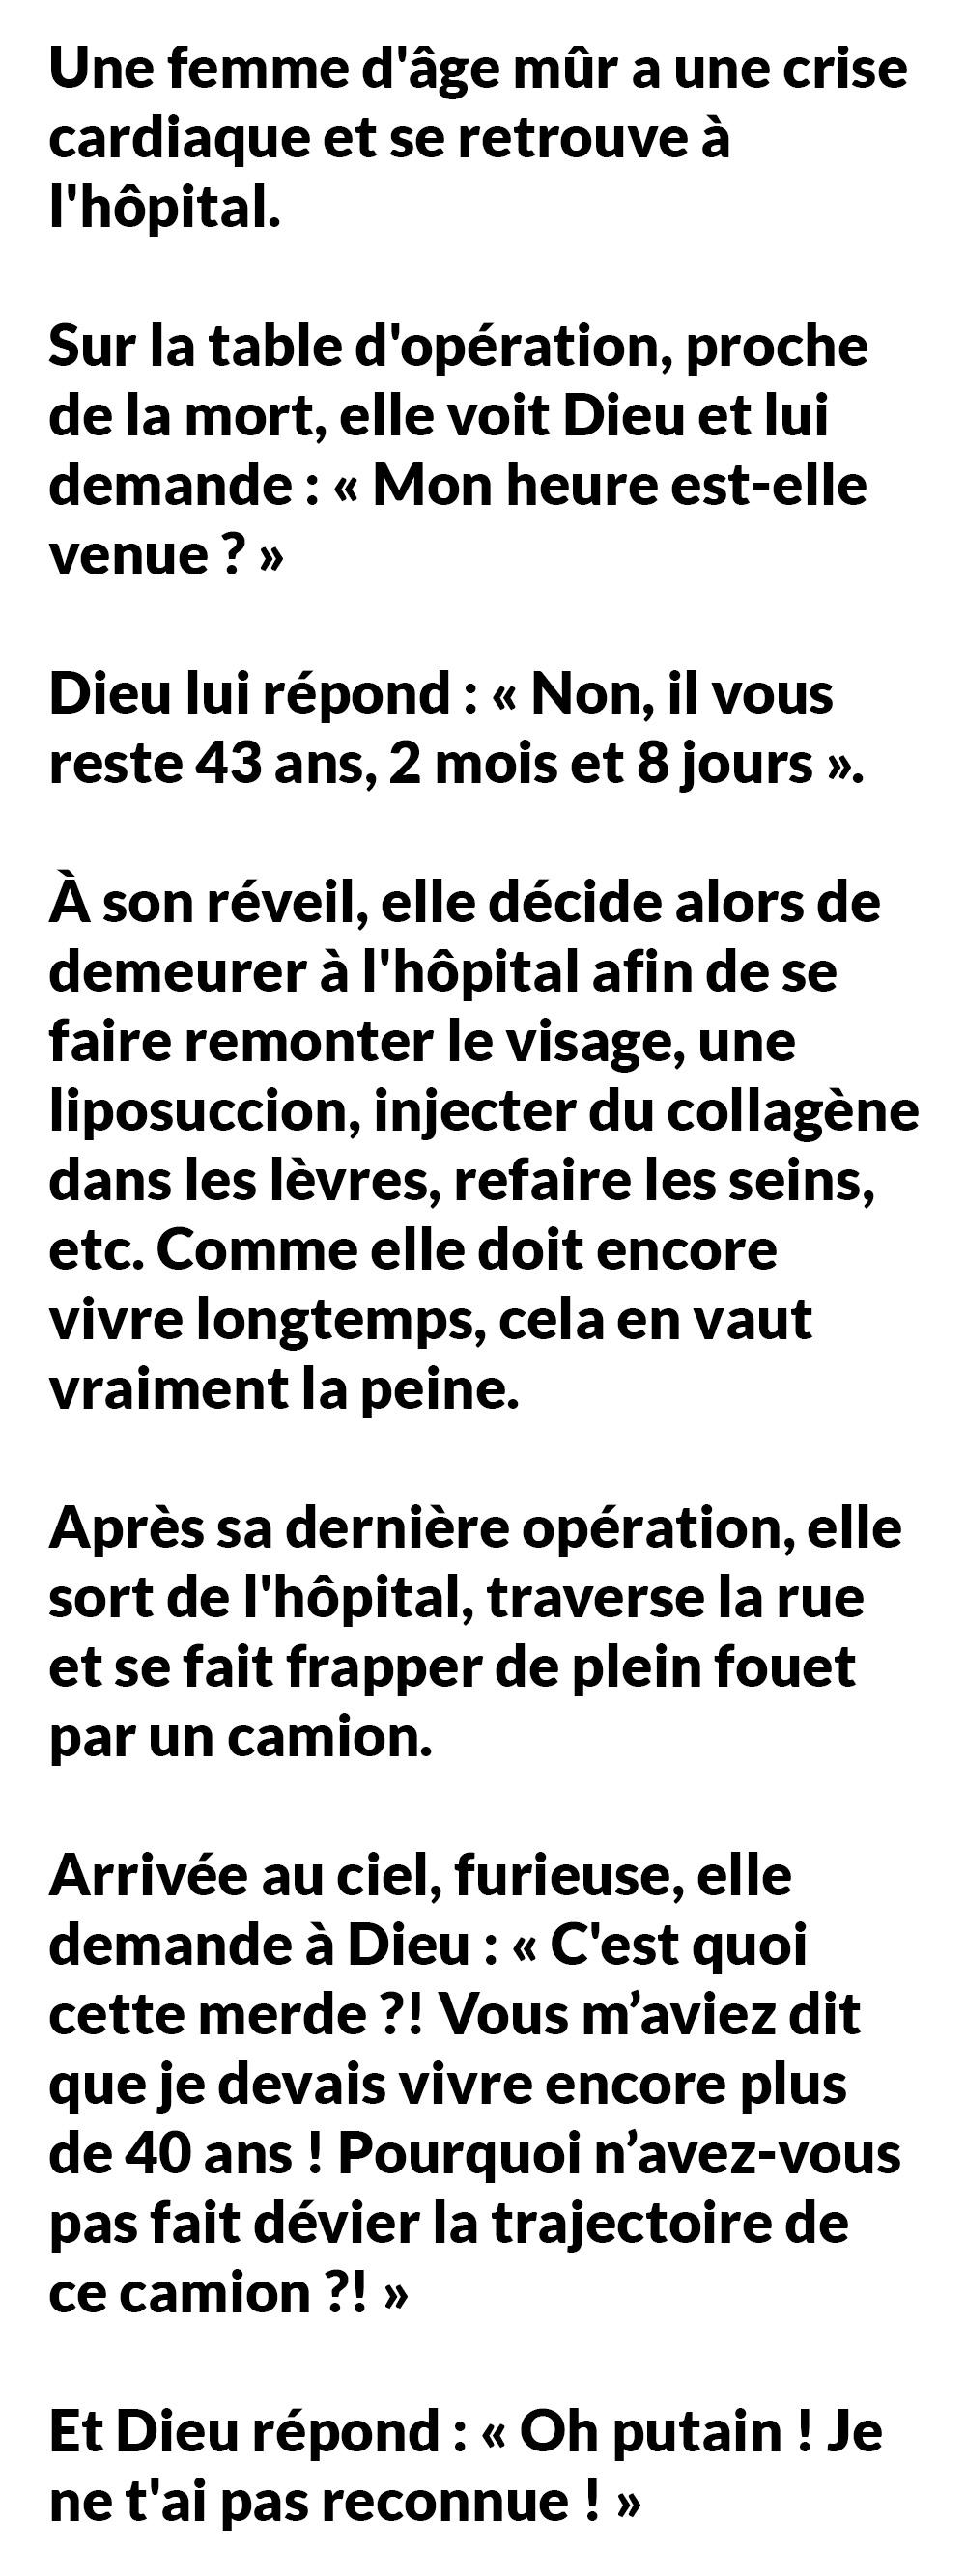 Une femme d'âge mûr a une crise cardiaque et se retrouve à l'hôpital